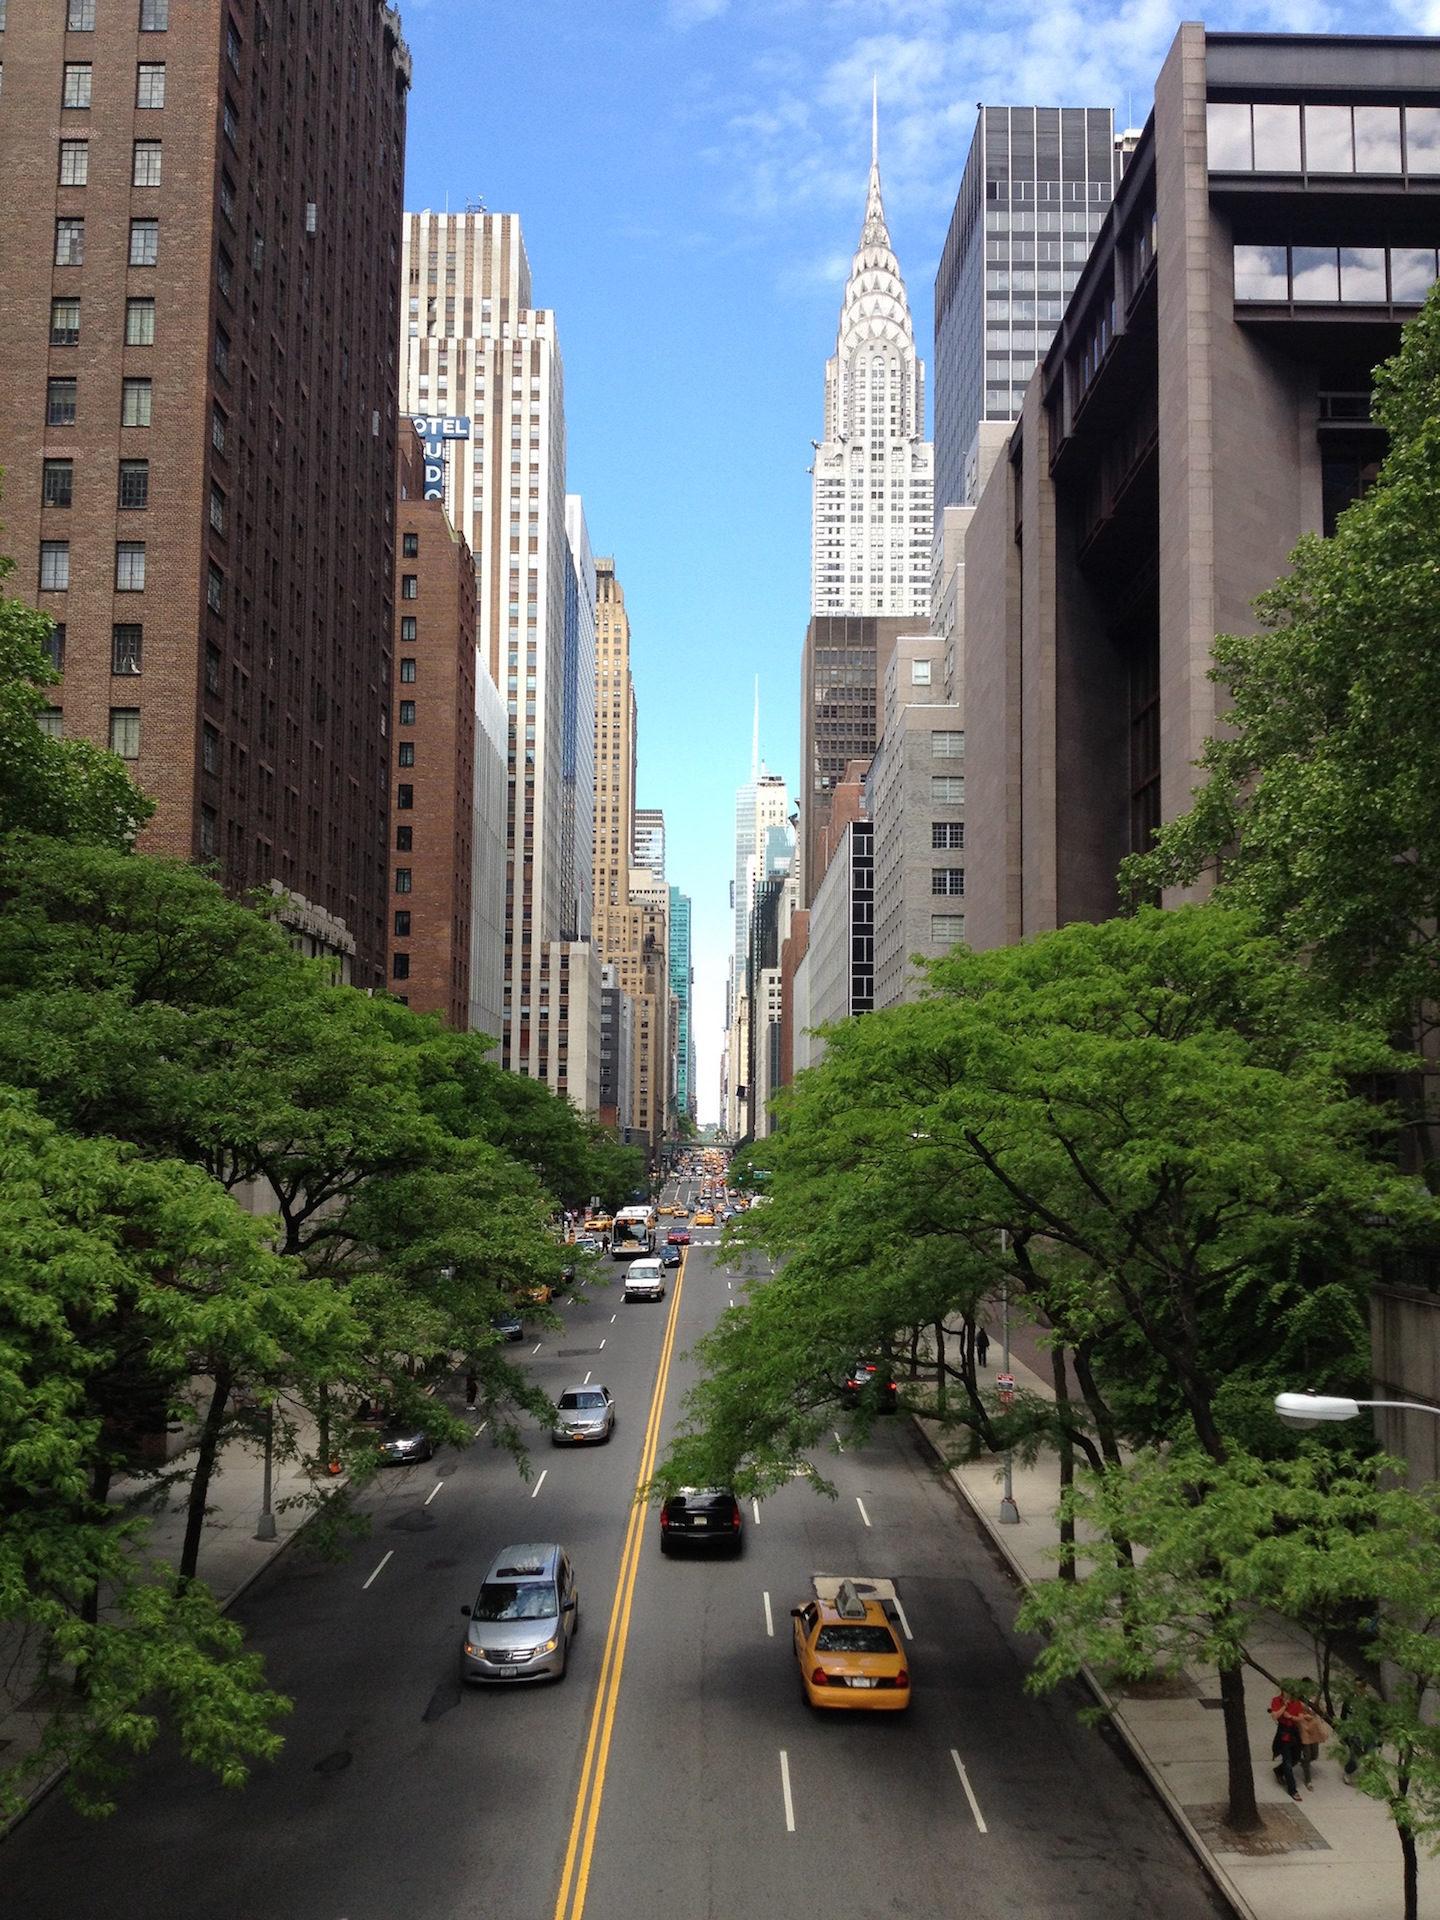 城市, 街道, 纽约, 苹果, 摩天大楼 - 高清壁纸 - 教授-falken.com